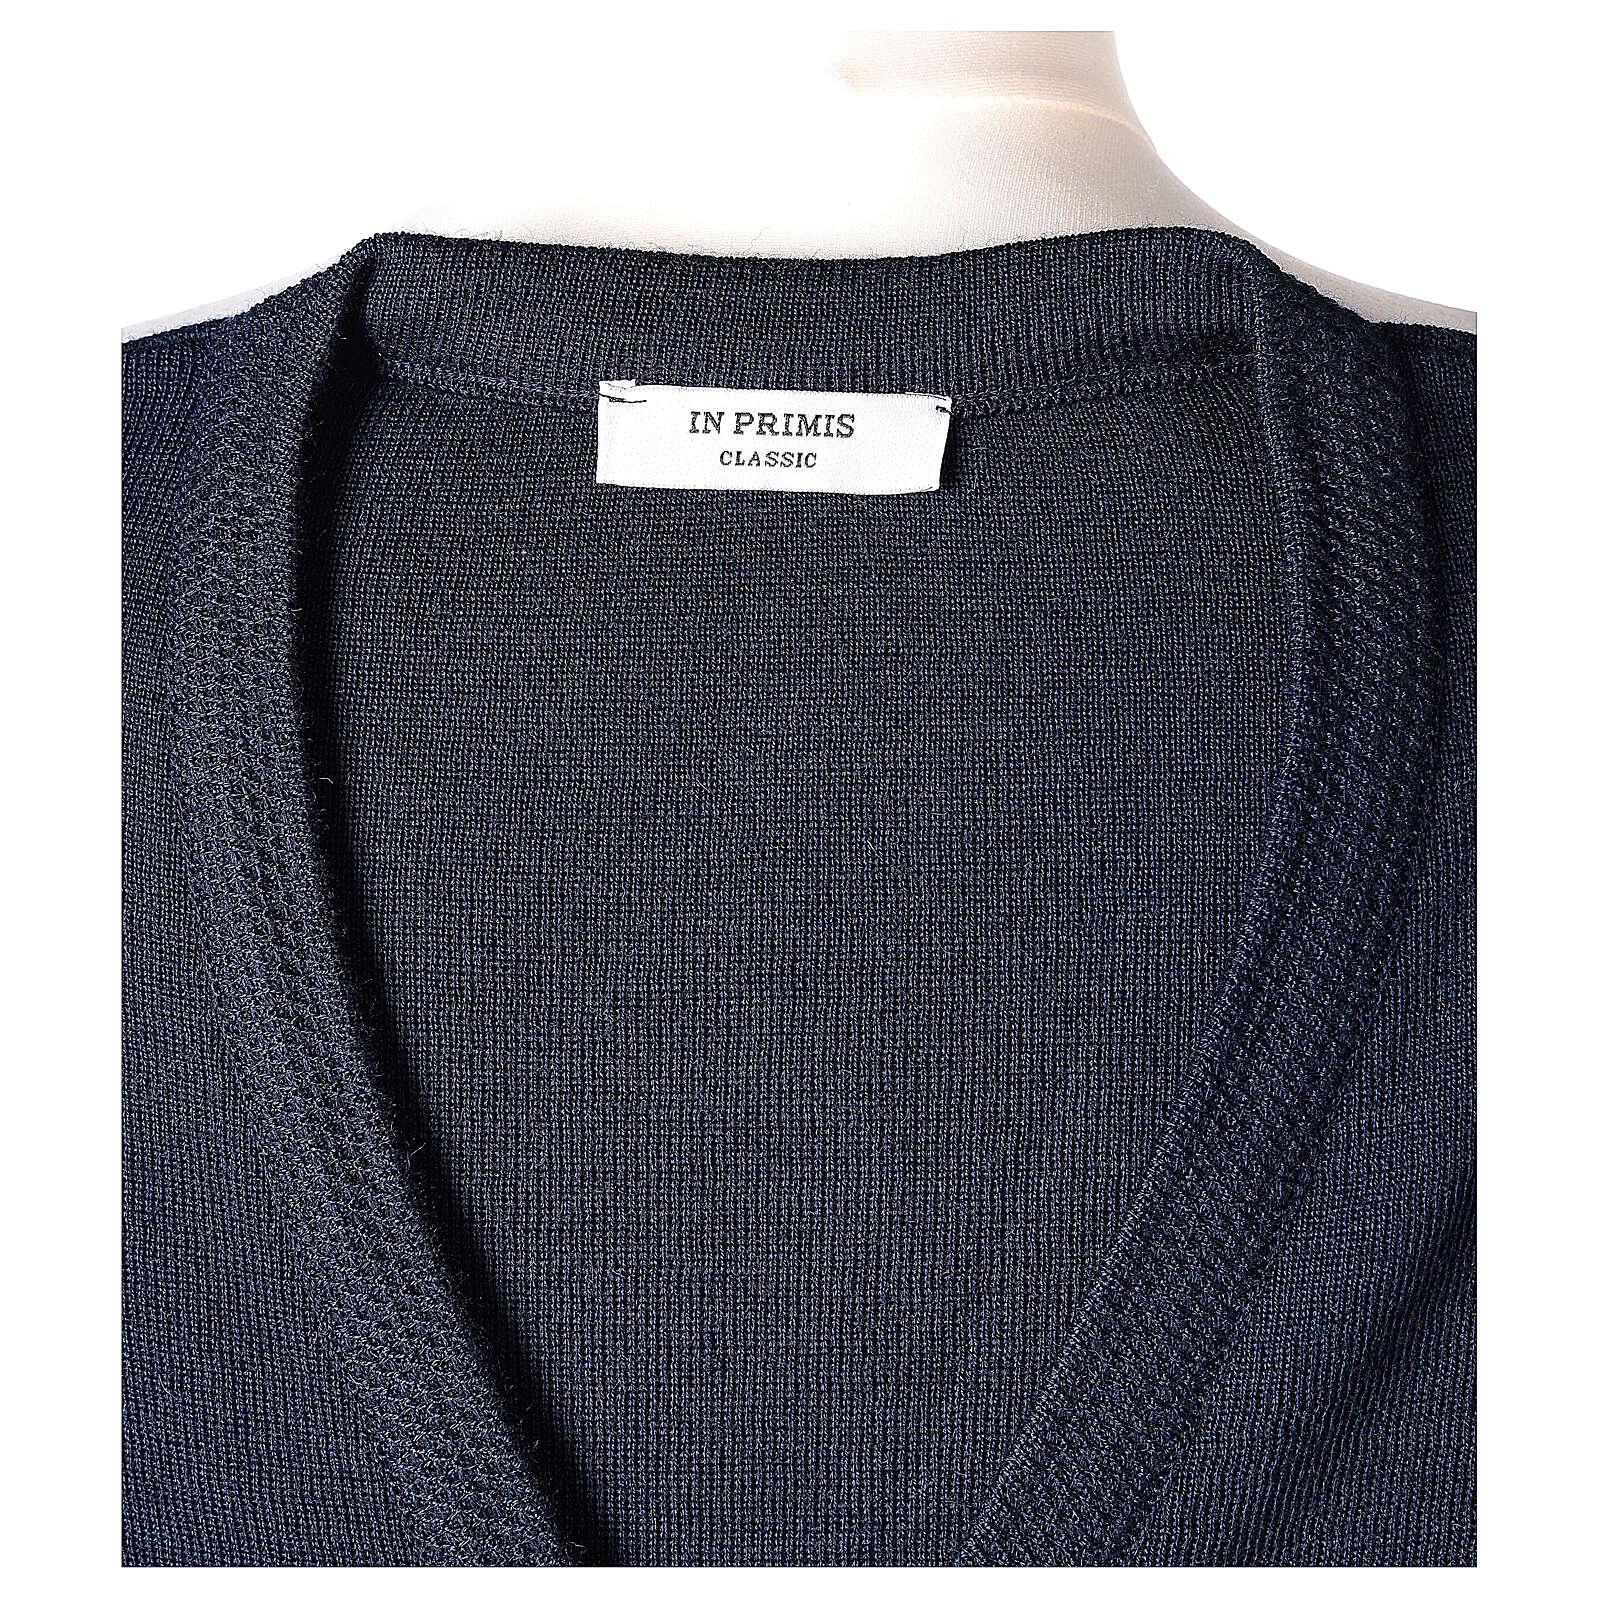 Cardigan pour soeur bleu bcol en V poches GRANDE TAILLE 50% acrylique 50% mérinos In Primis 4